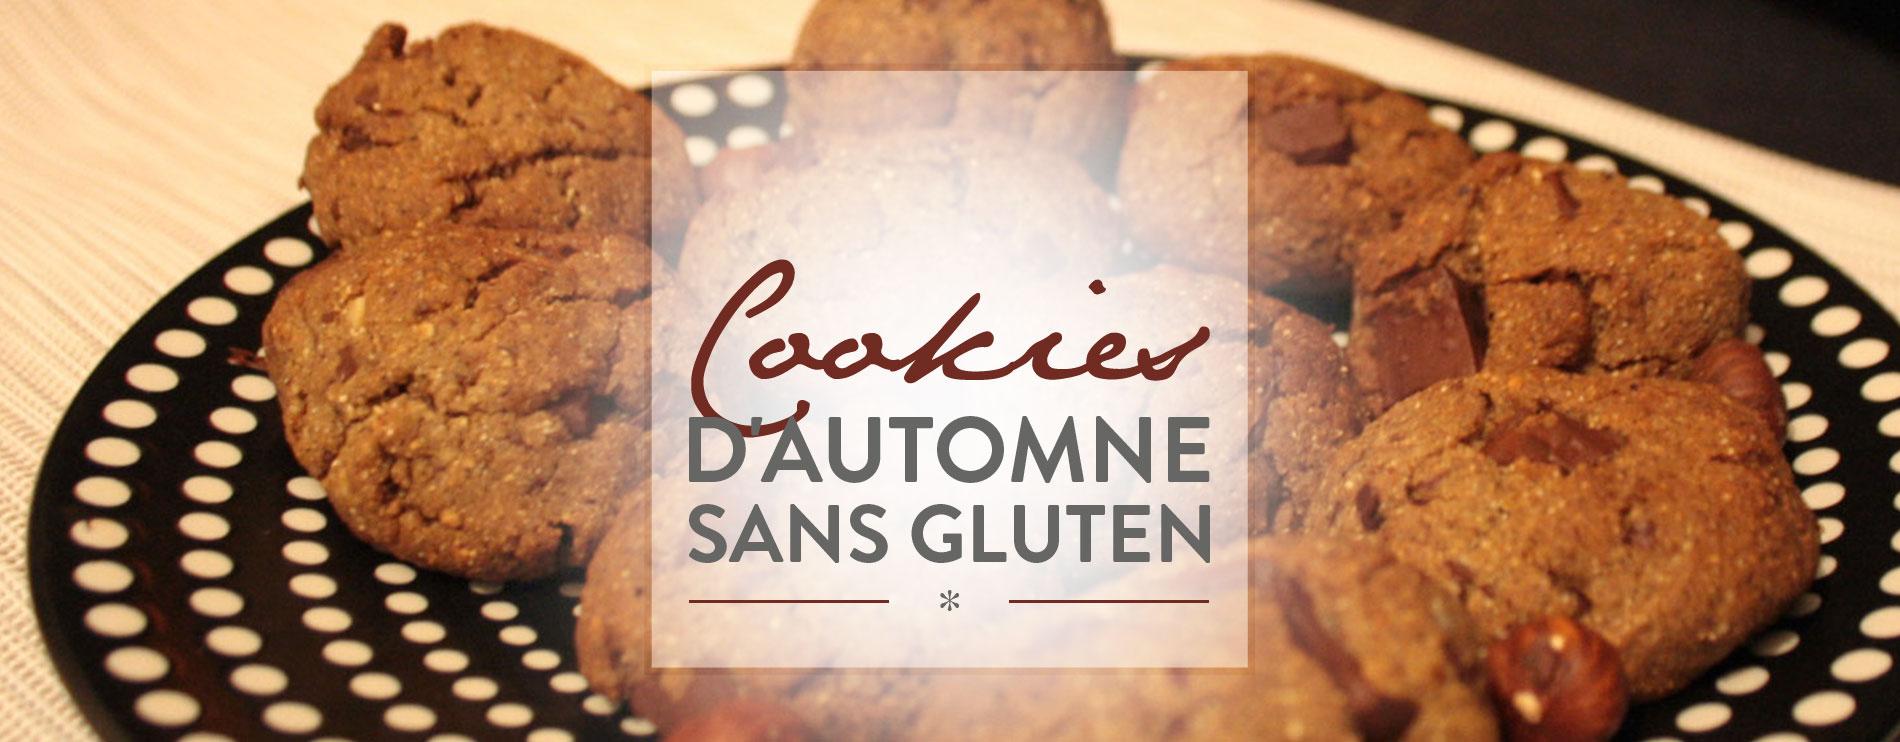 Cookies d'automne sans gluten